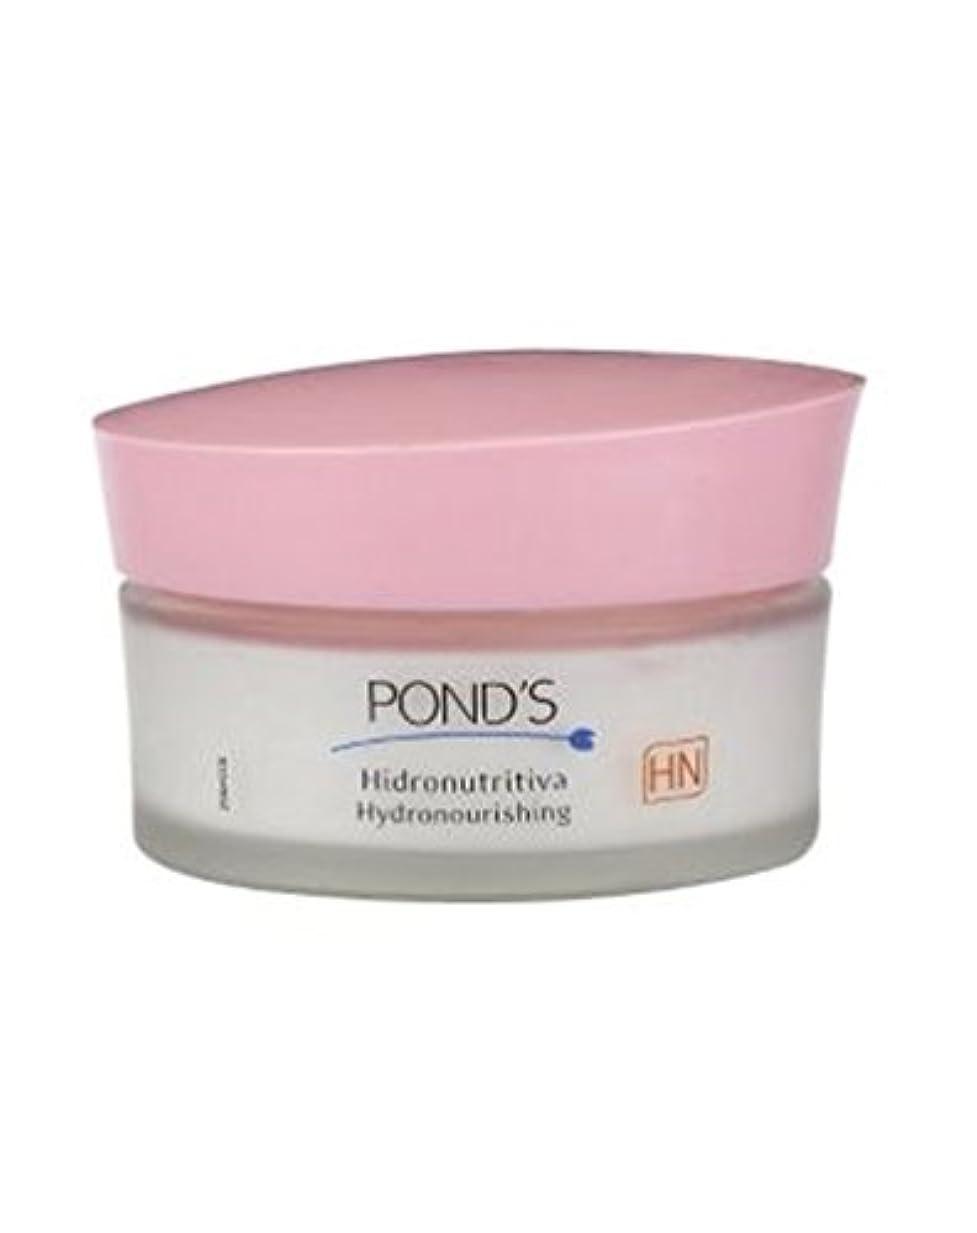 動機付ける素晴らしさ額アンチリンクルクリーム50ミリリットル栄養池 (Ponds) (x2) - Ponds Nourishing Anti-wrinkle Cream 50ml (Pack of 2) [並行輸入品]